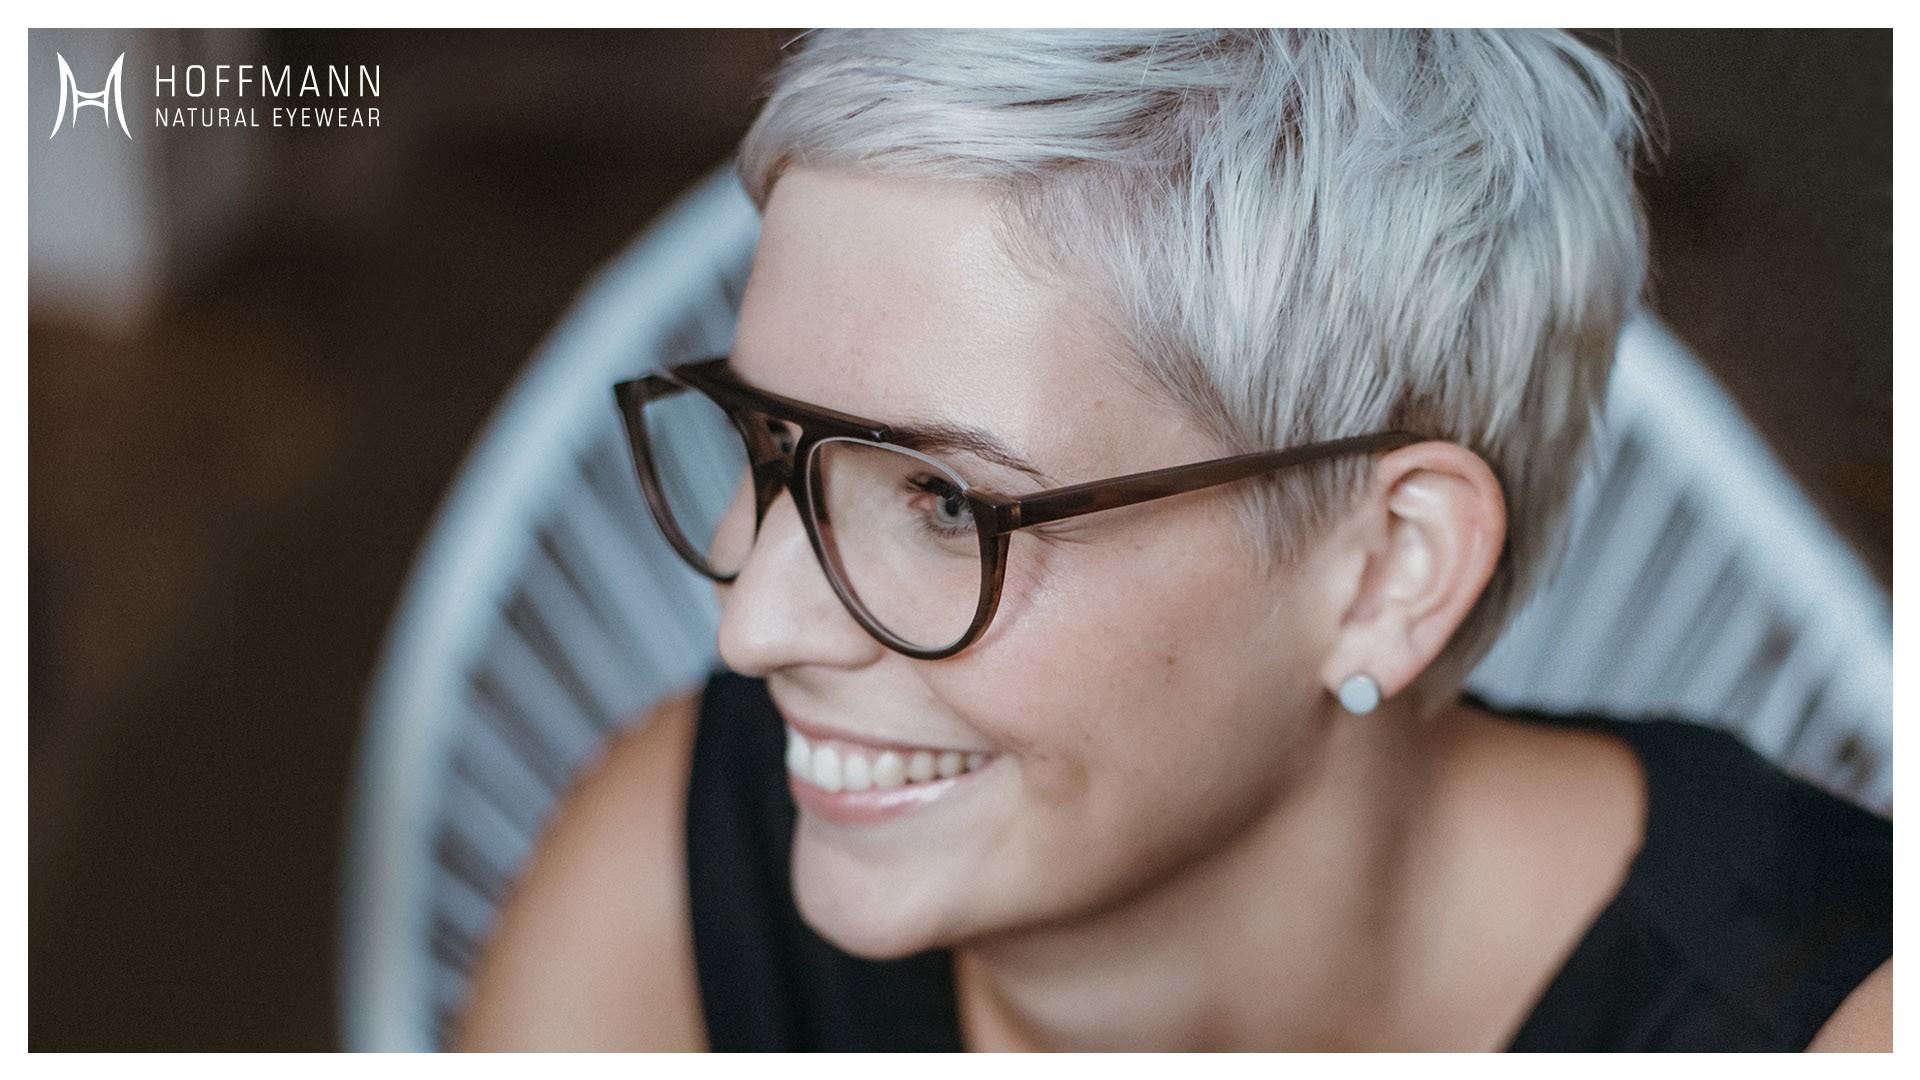 Nahaufnahme von einem lächelndem Female Model mit kurzen, blonden Haaren, das eine Korrekturbrille mit braunem Gestell von Hoffmann Natural Eyewear trägt.